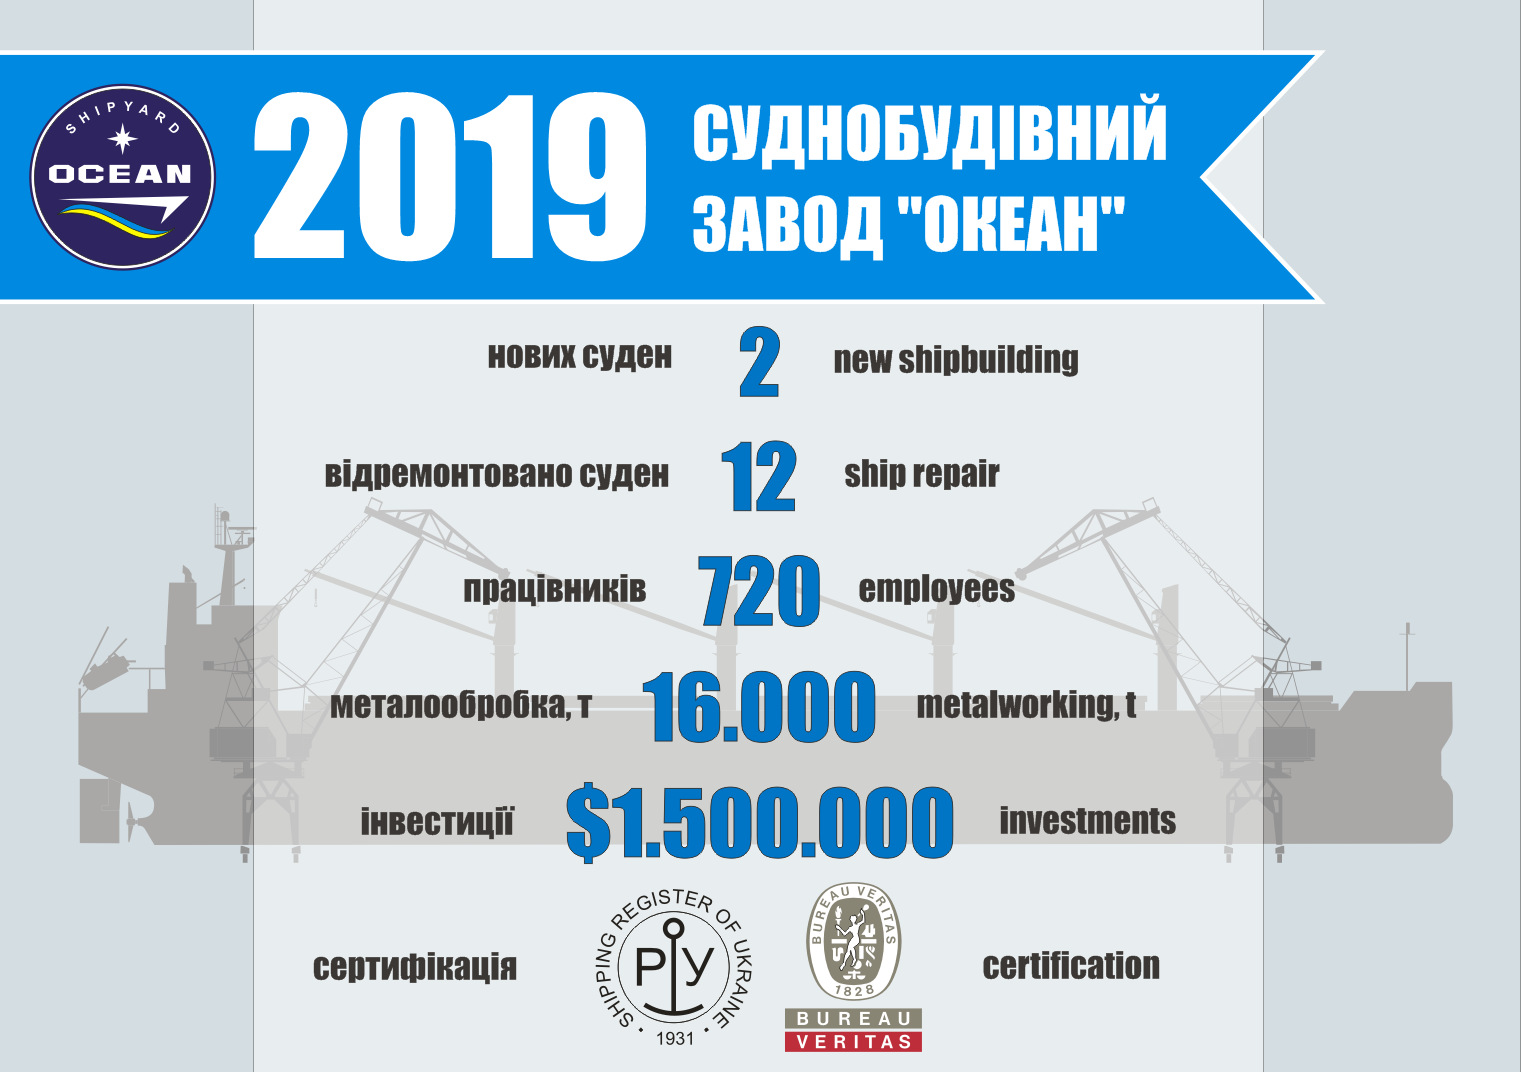 """Підсумки 2019 року суднобудівного заводу """"Океан"""""""